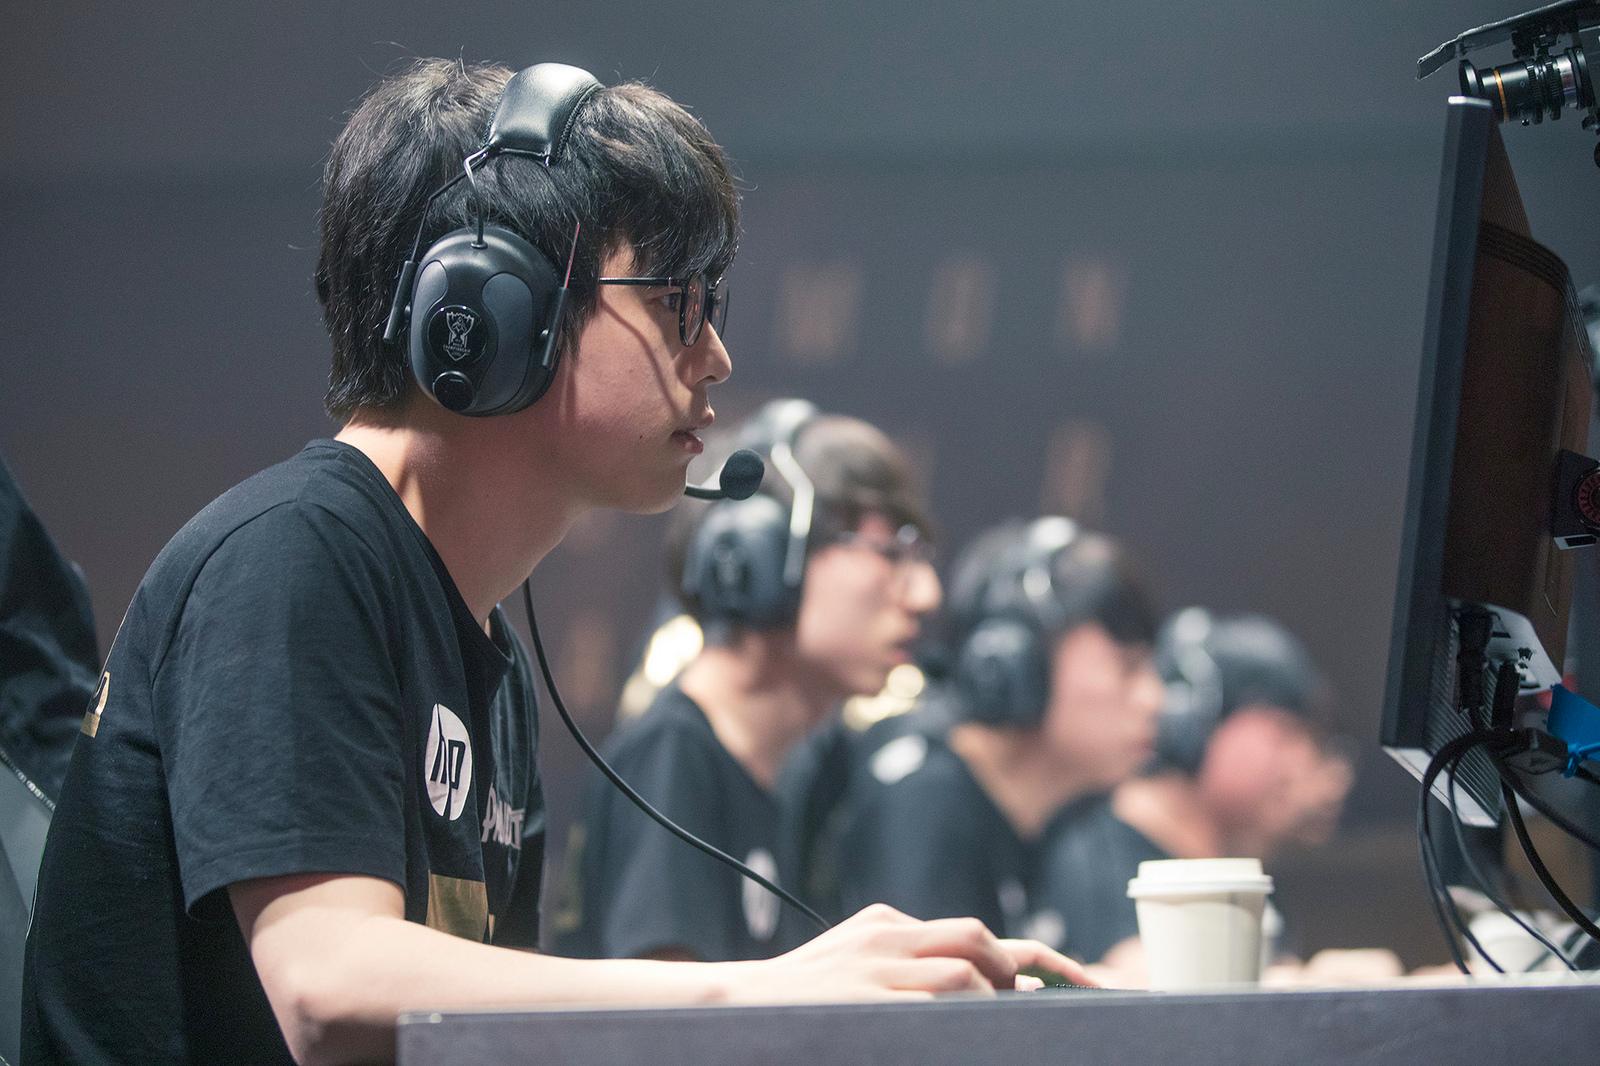 今シーズンは世界大会出場経験者を3人擁し、EDGと中国リーグのトップを争ったRNG。最強地域韓国の壁は厚い。画像出典:Riot eSports Flickr